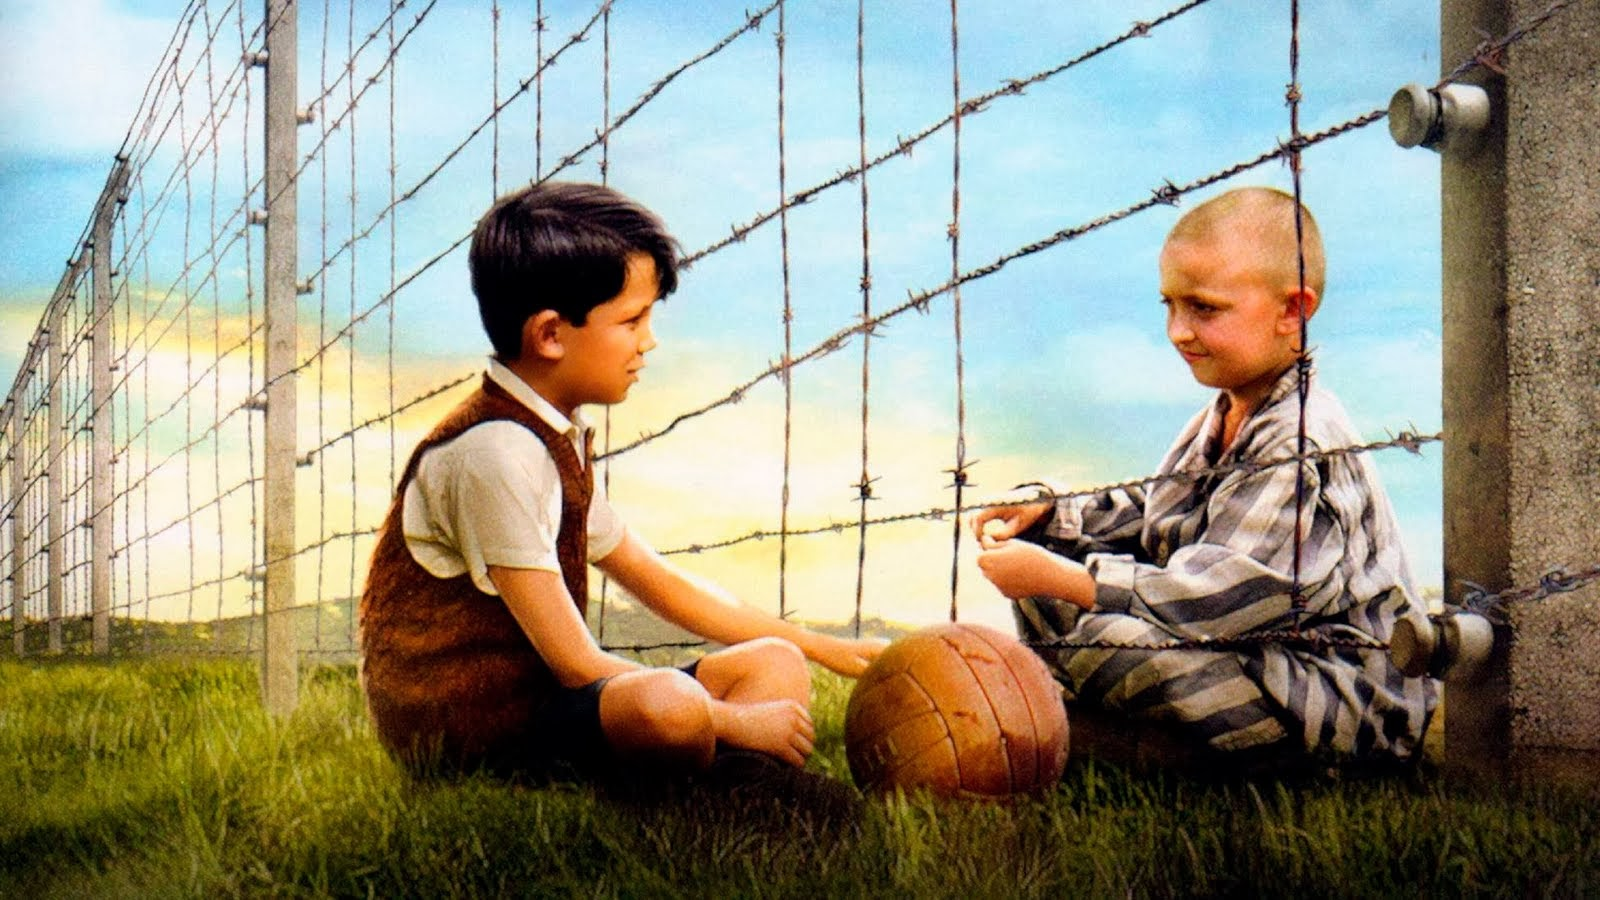 Το αγόρι με τη Ριγέ Πιτζάμα  μια πρόταση για την Παγκόσμια Ημέρα Μνήμης του  Ολοκαυτώματος. 788073ef5db